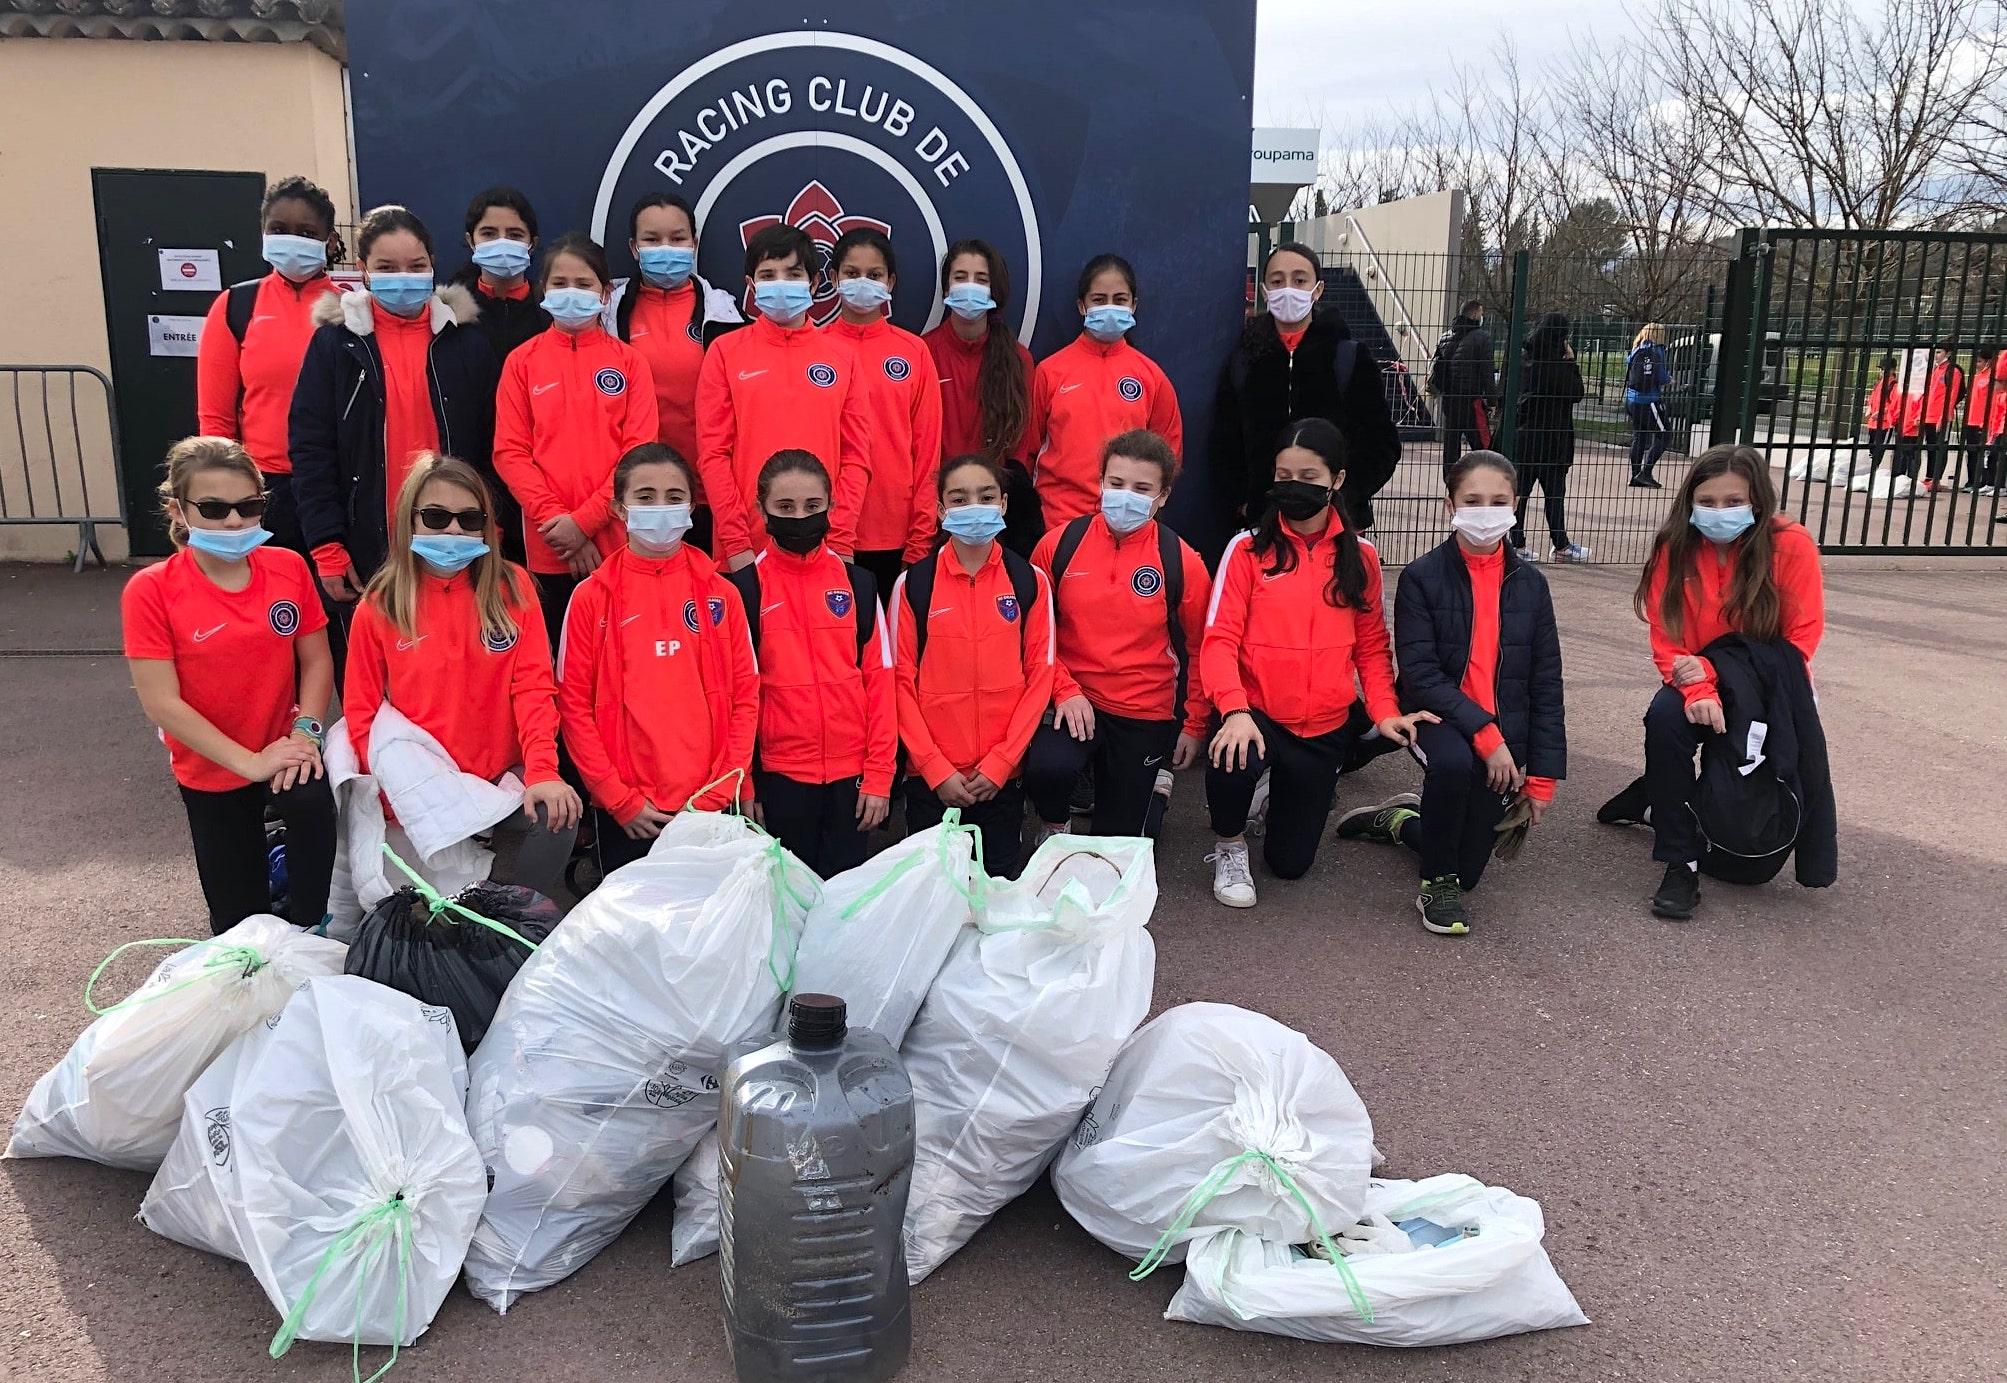 La section féminine du RC Grasse lance son action éco-citoyenne